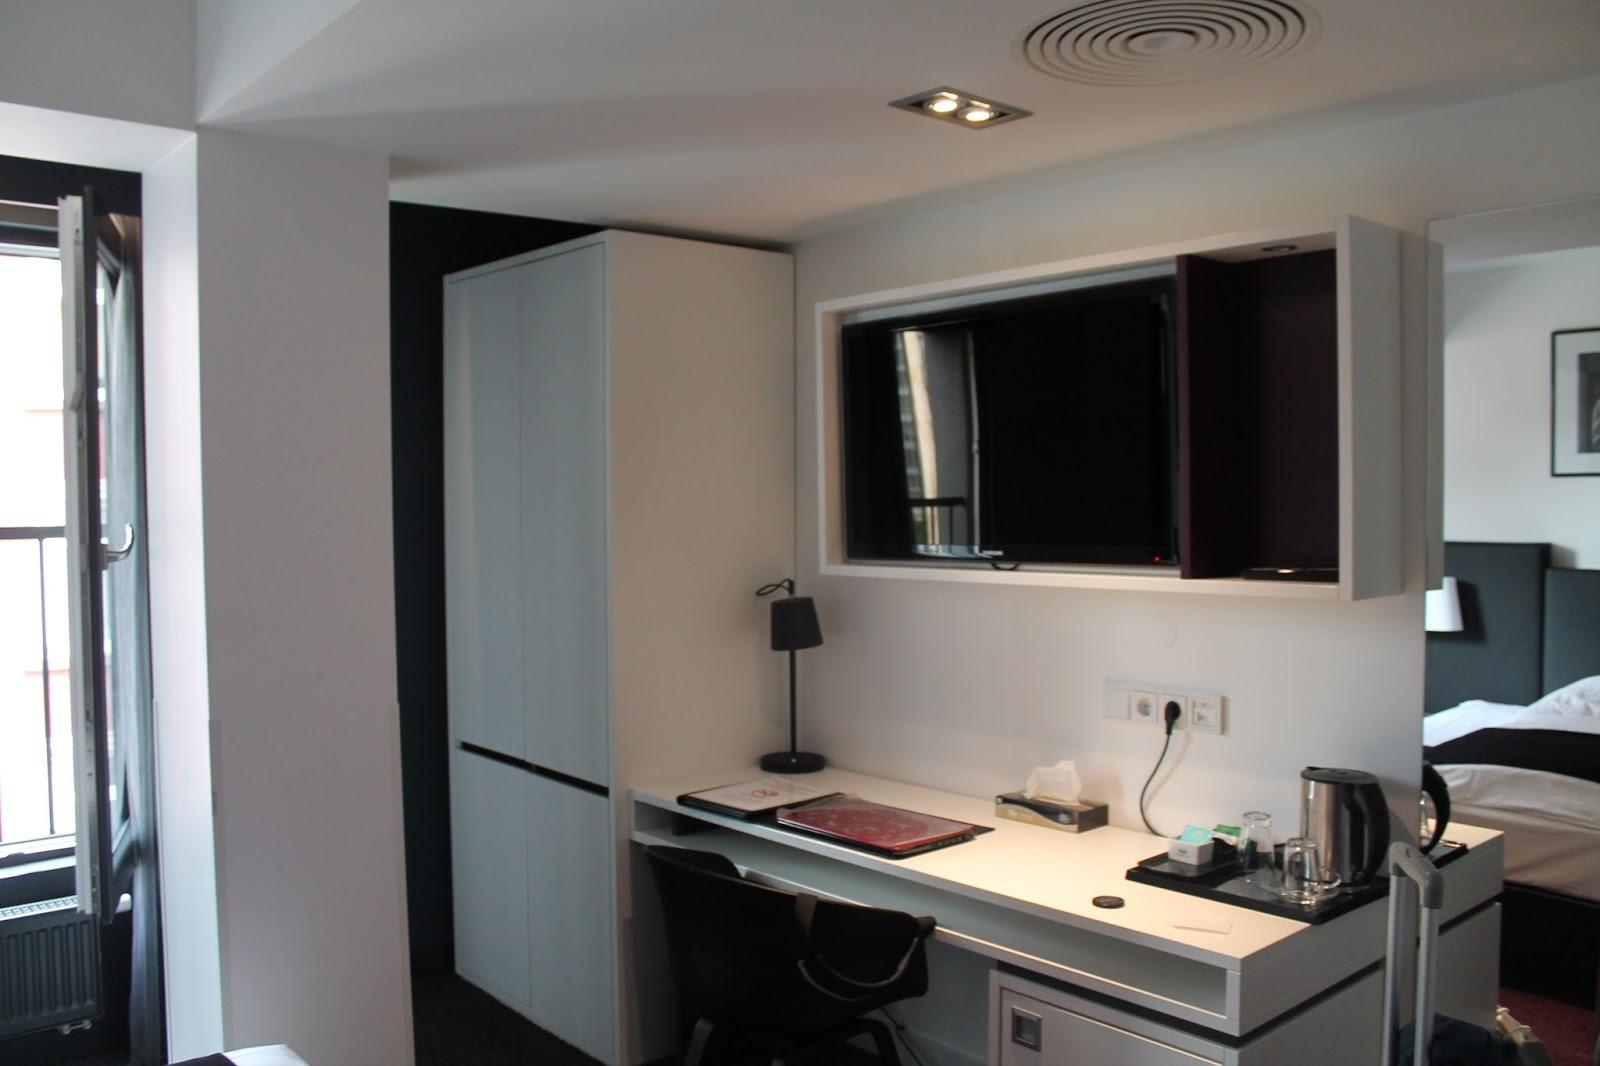 el hotel de la semana bliss hotel de frankfurt la maleta de constanza. Black Bedroom Furniture Sets. Home Design Ideas